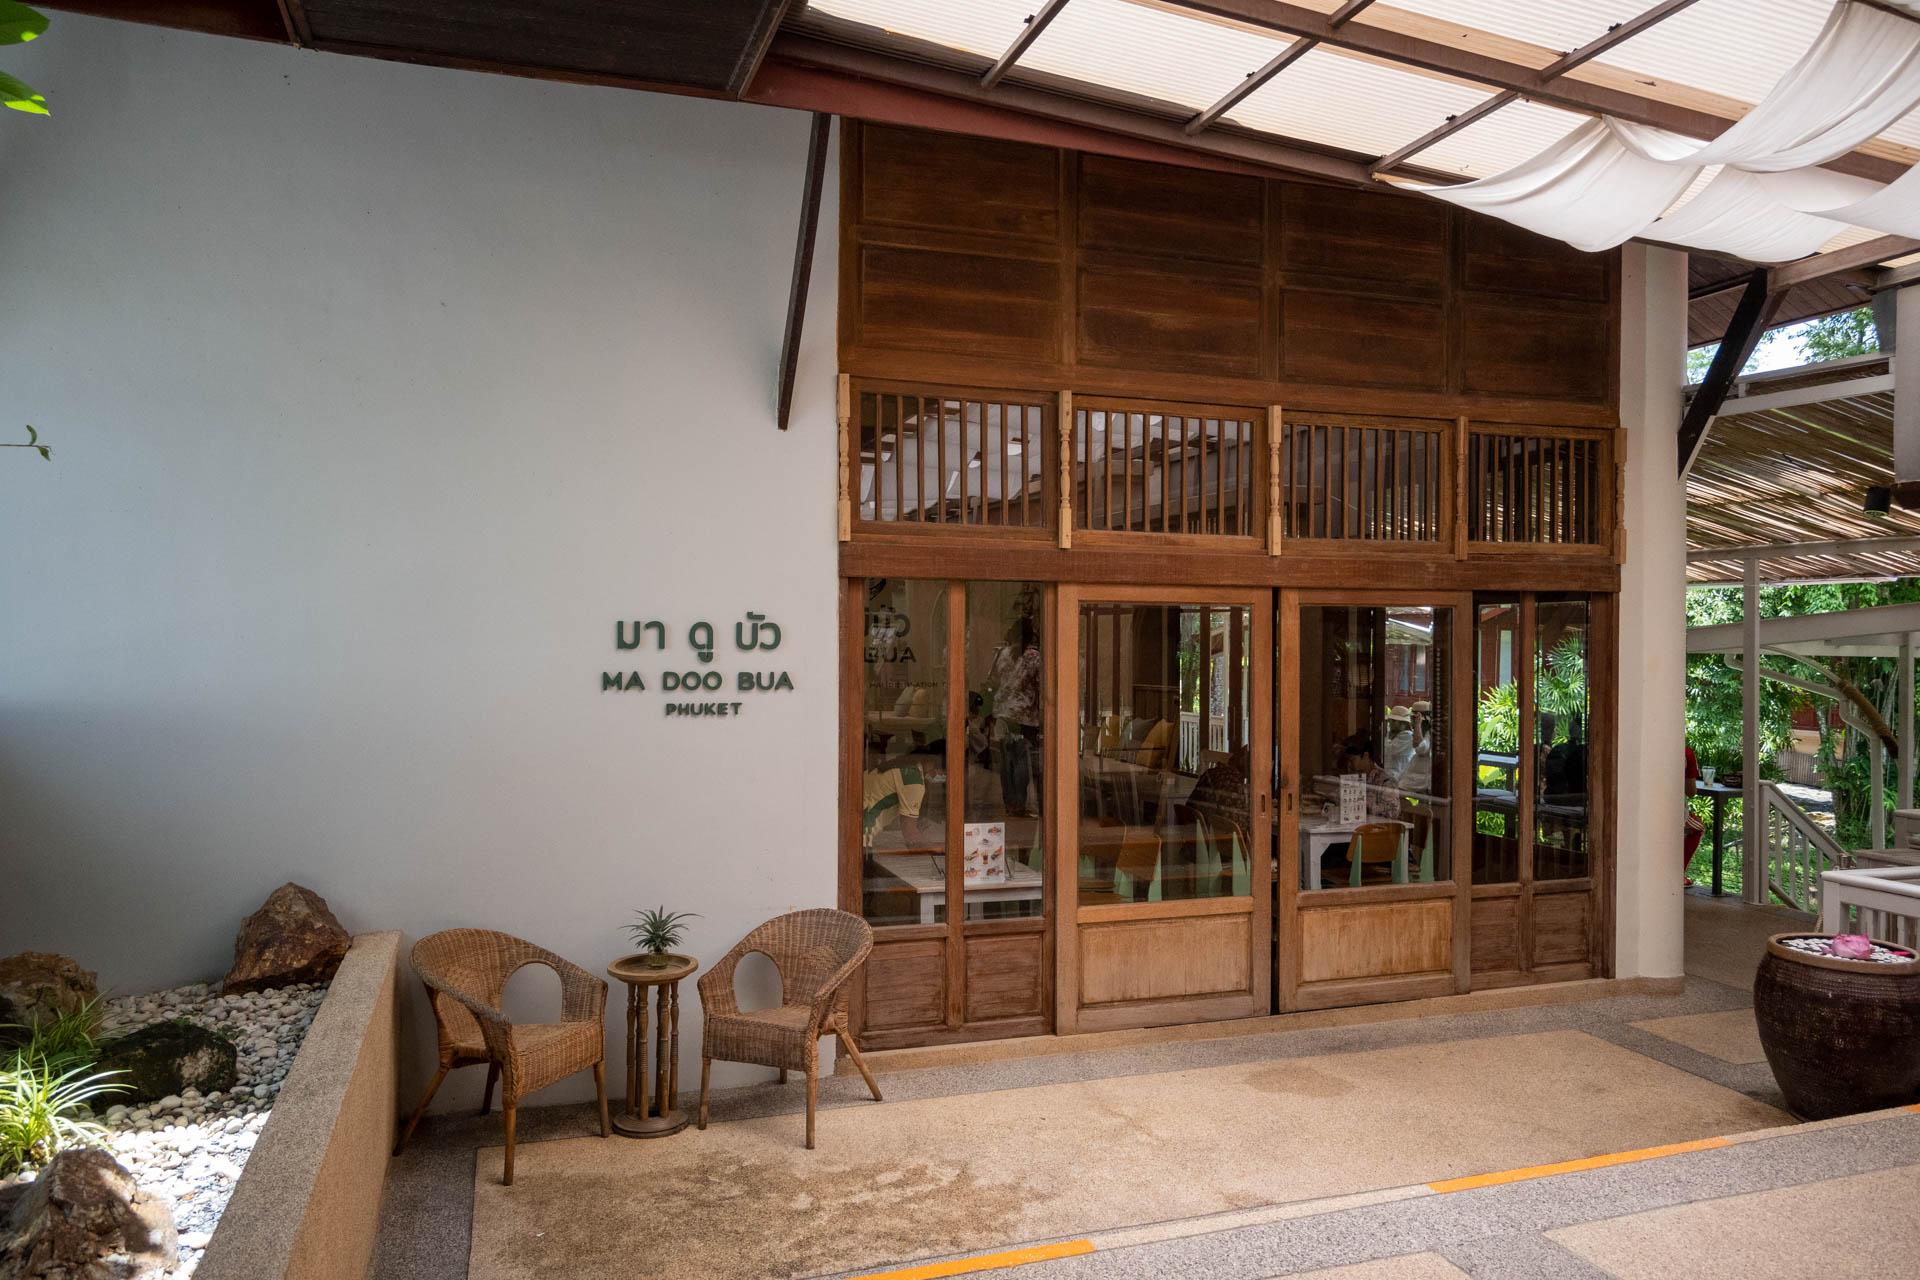 Ma Doo Bua Cafe' l มา ดู บัว ภูเก็ต ที่คาเฟ่เขามีมุมถ่ายรูปเยอะ